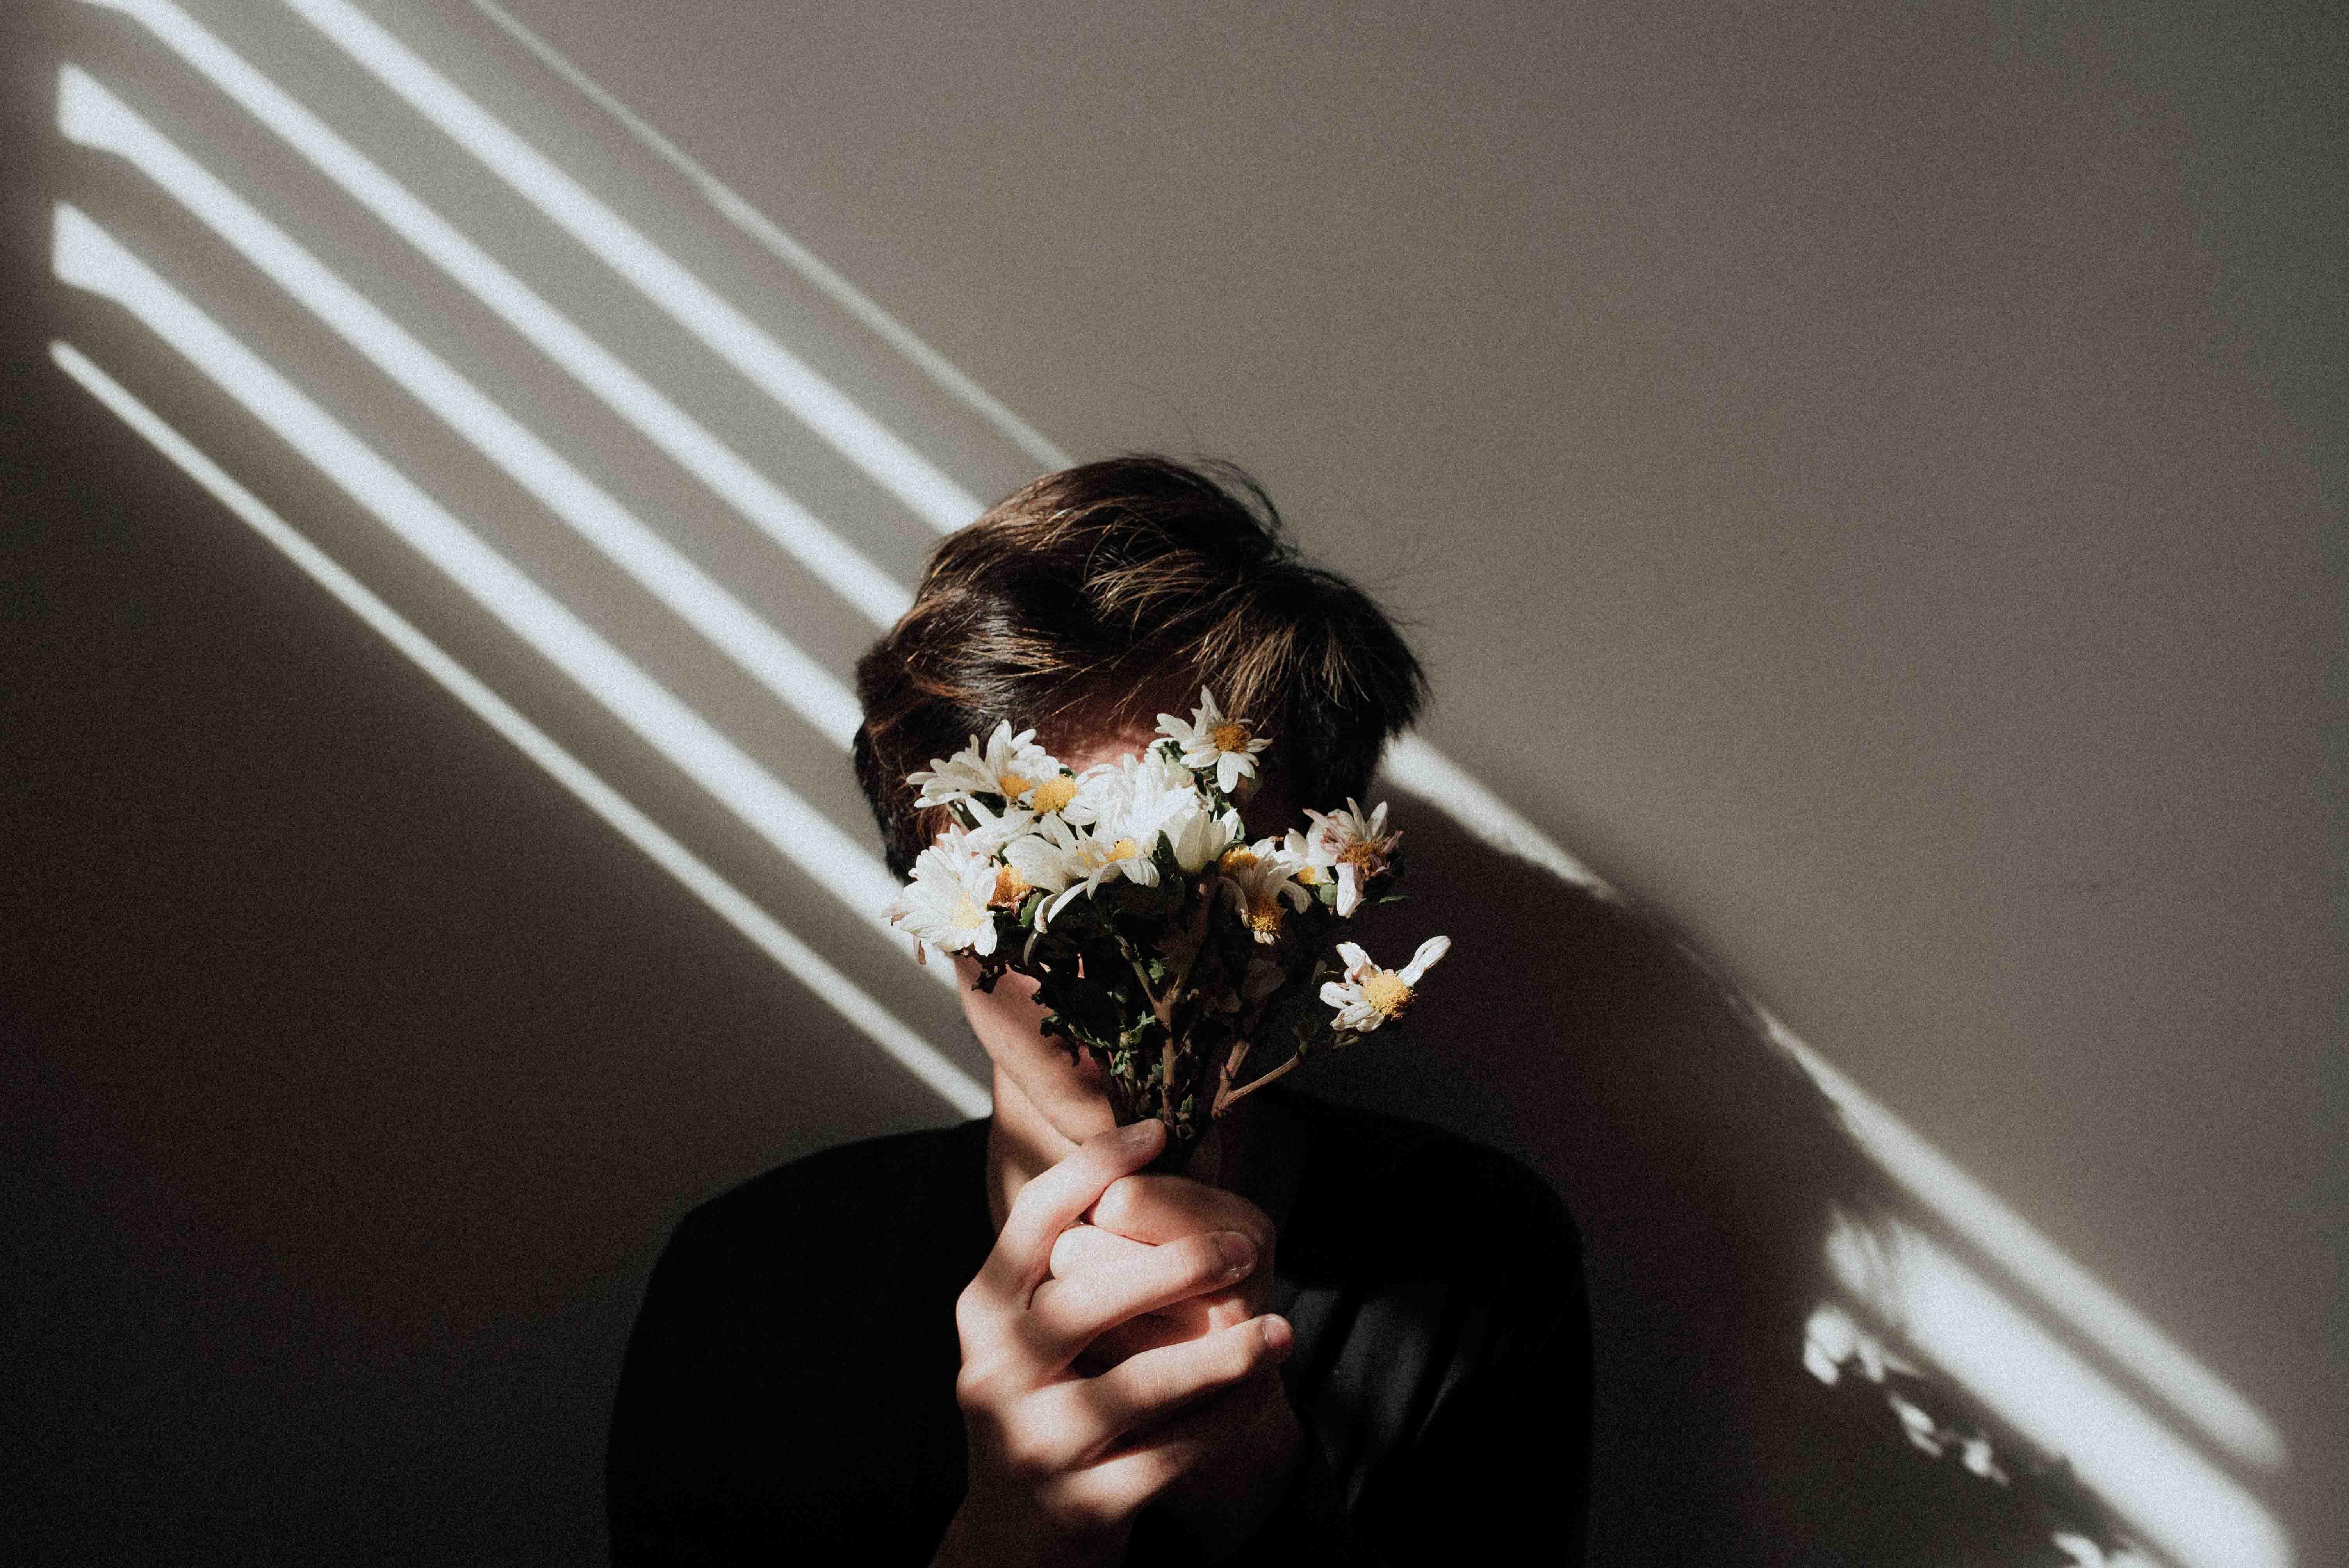 cô gái cầm bó hoa che mặt vì cảm xúc